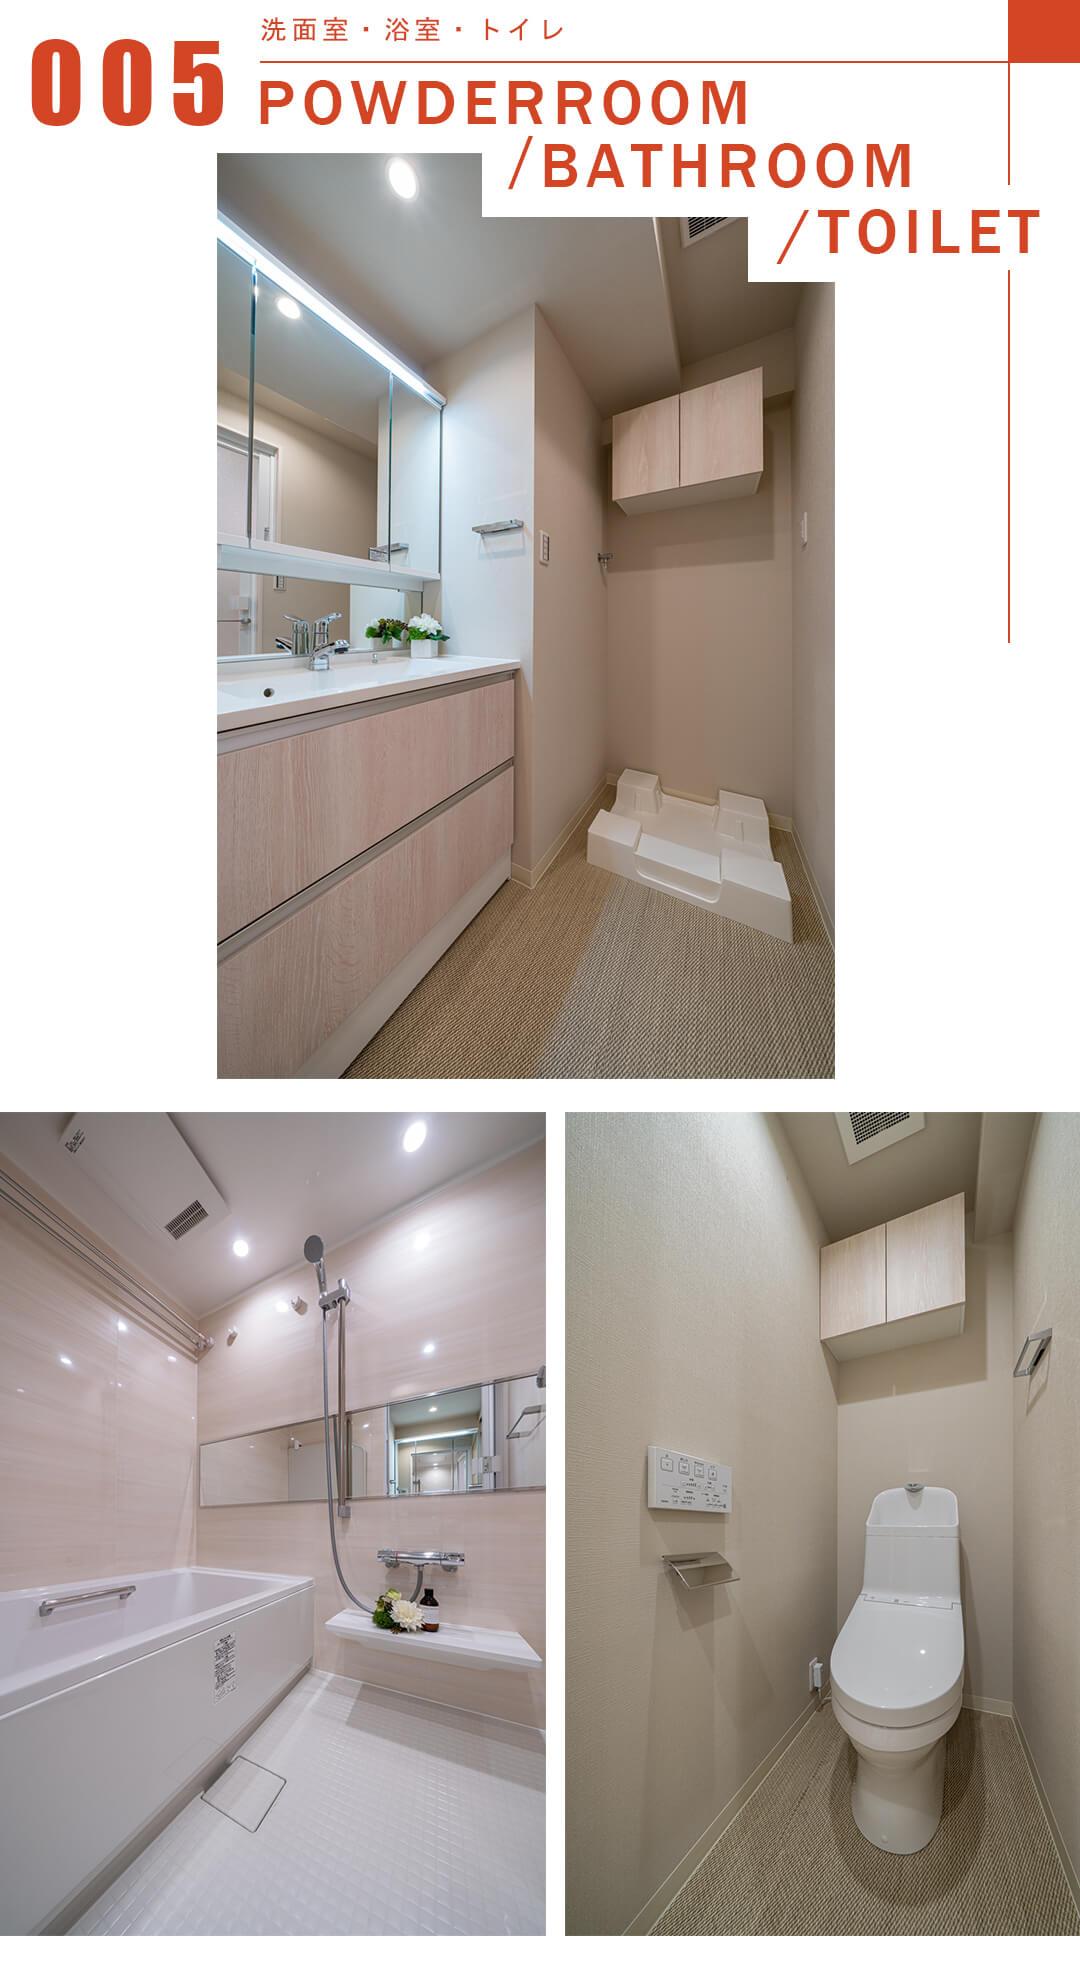 セザール氷川台の洗面室と浴室とトイレ